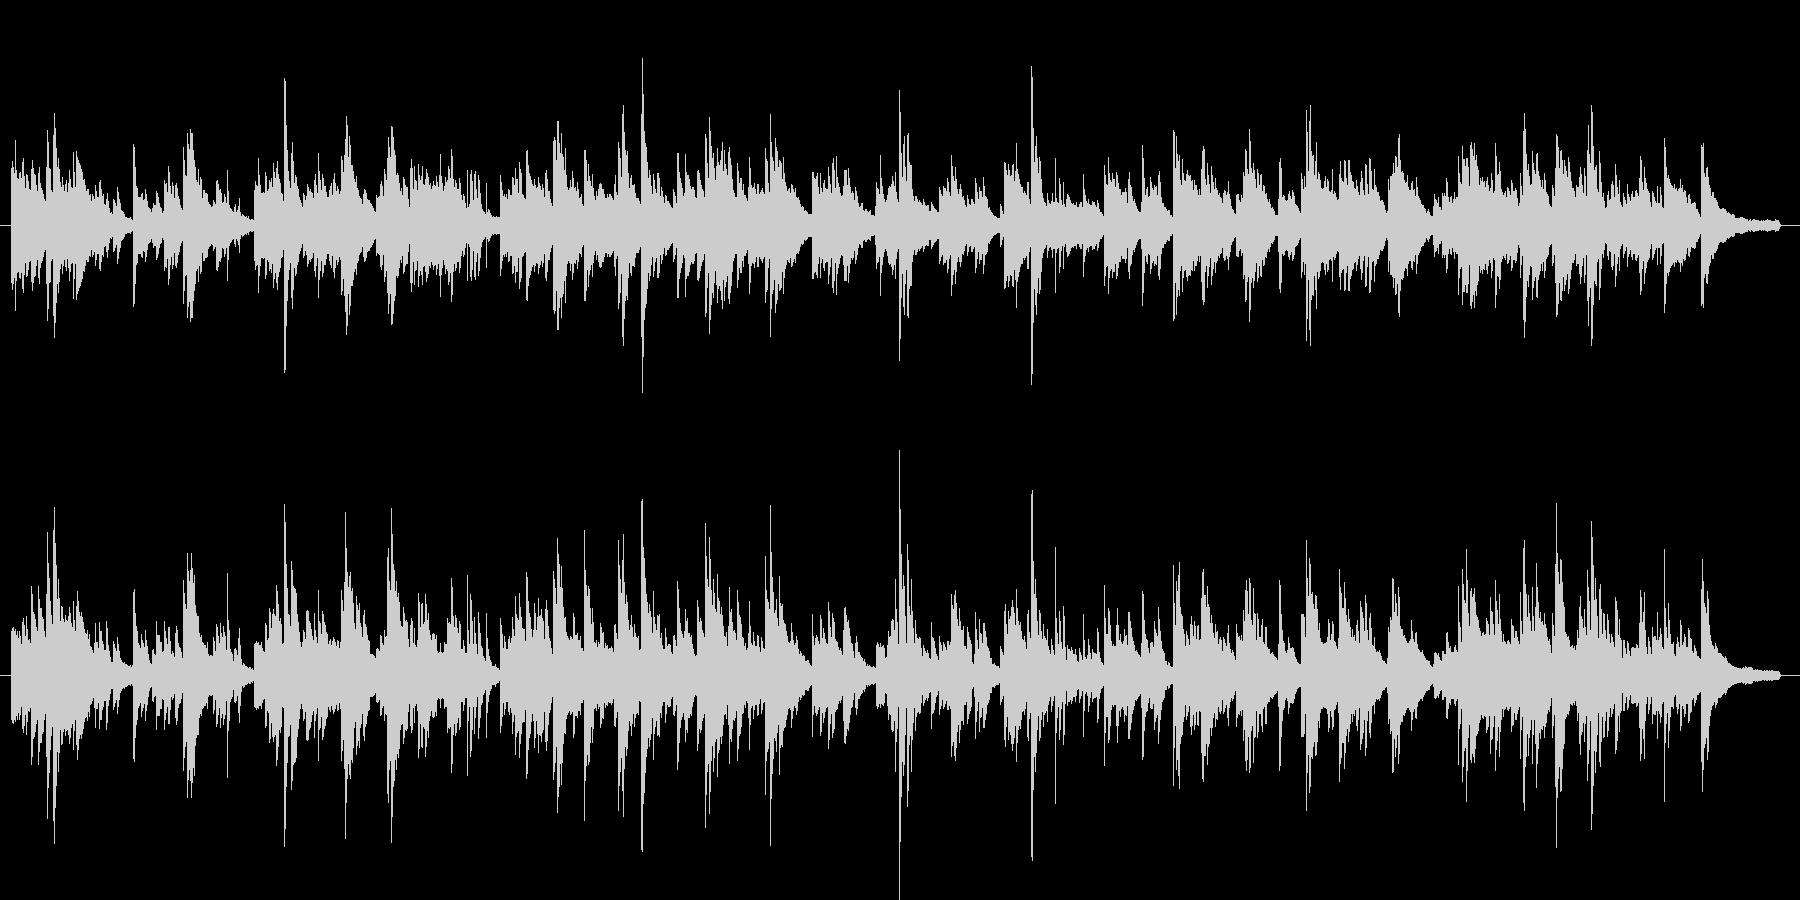 バラード ピアノ インスト(オリジナル)の未再生の波形